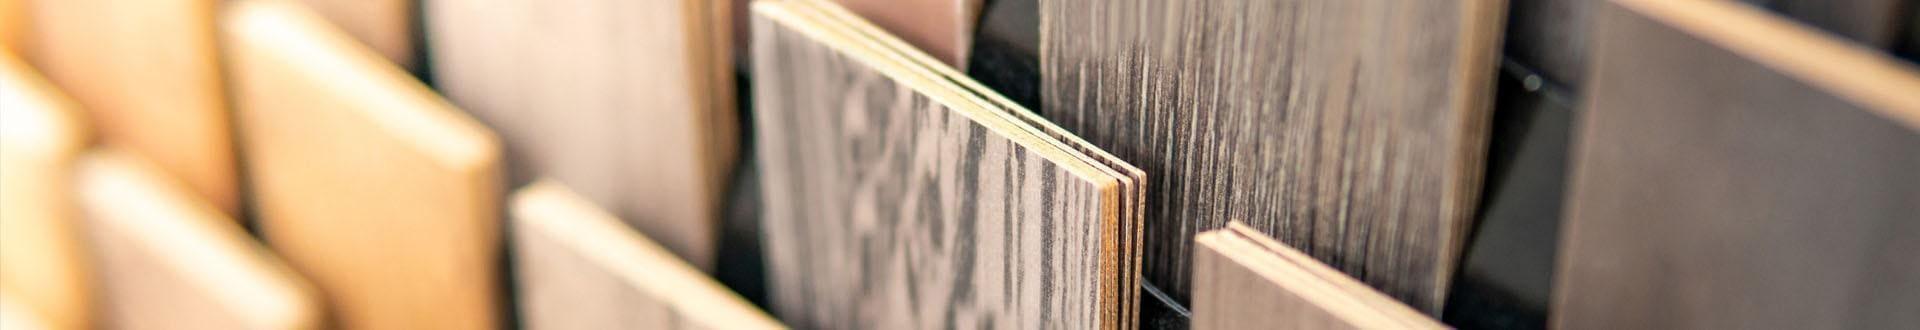 Drewniane próbki